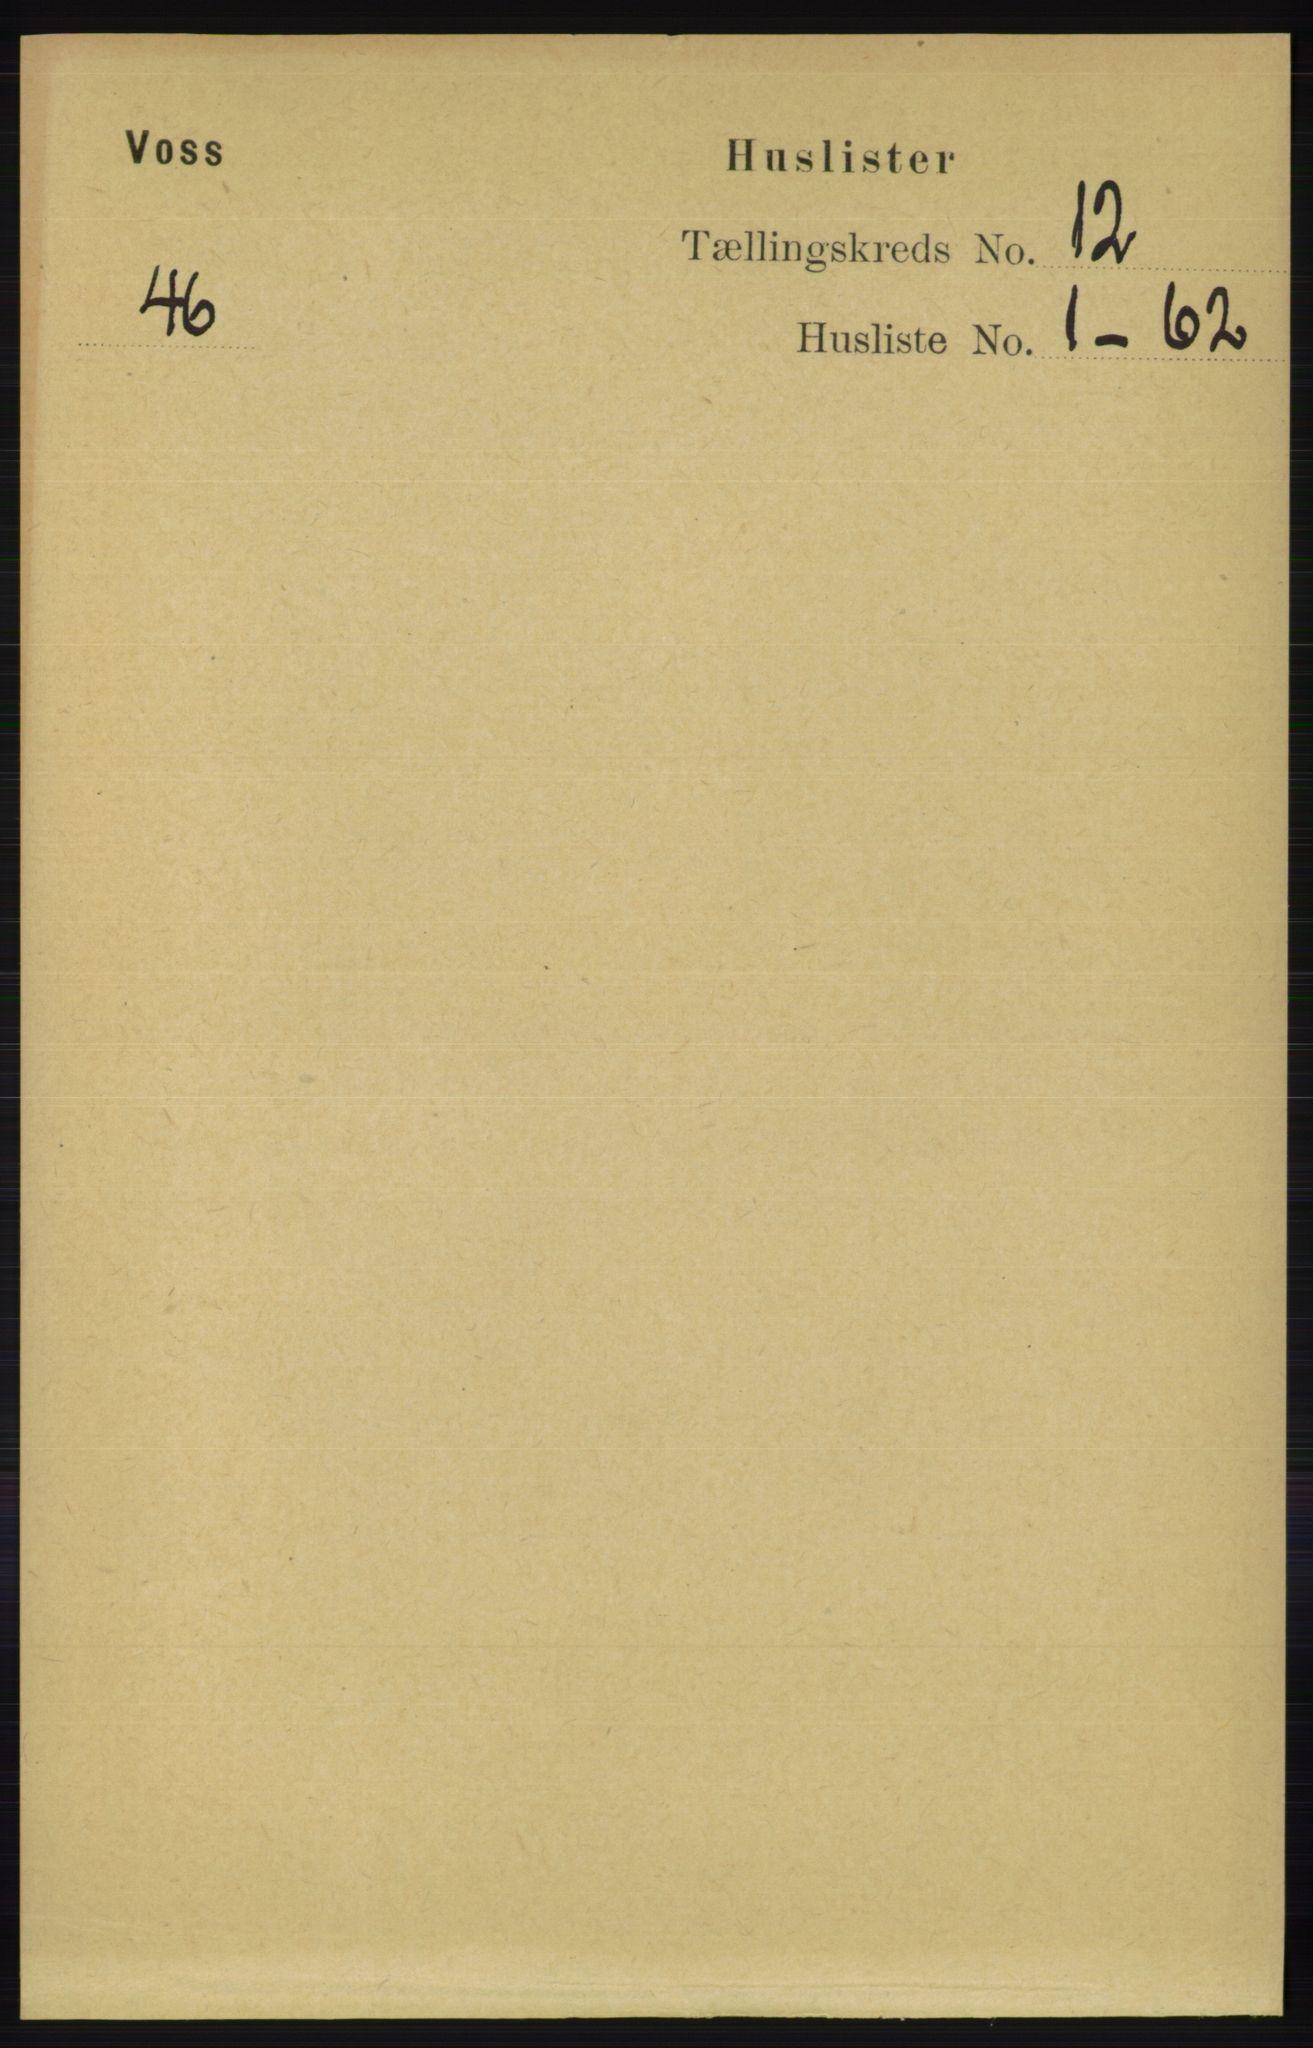 RA, Folketelling 1891 for 1235 Voss herred, 1891, s. 6414